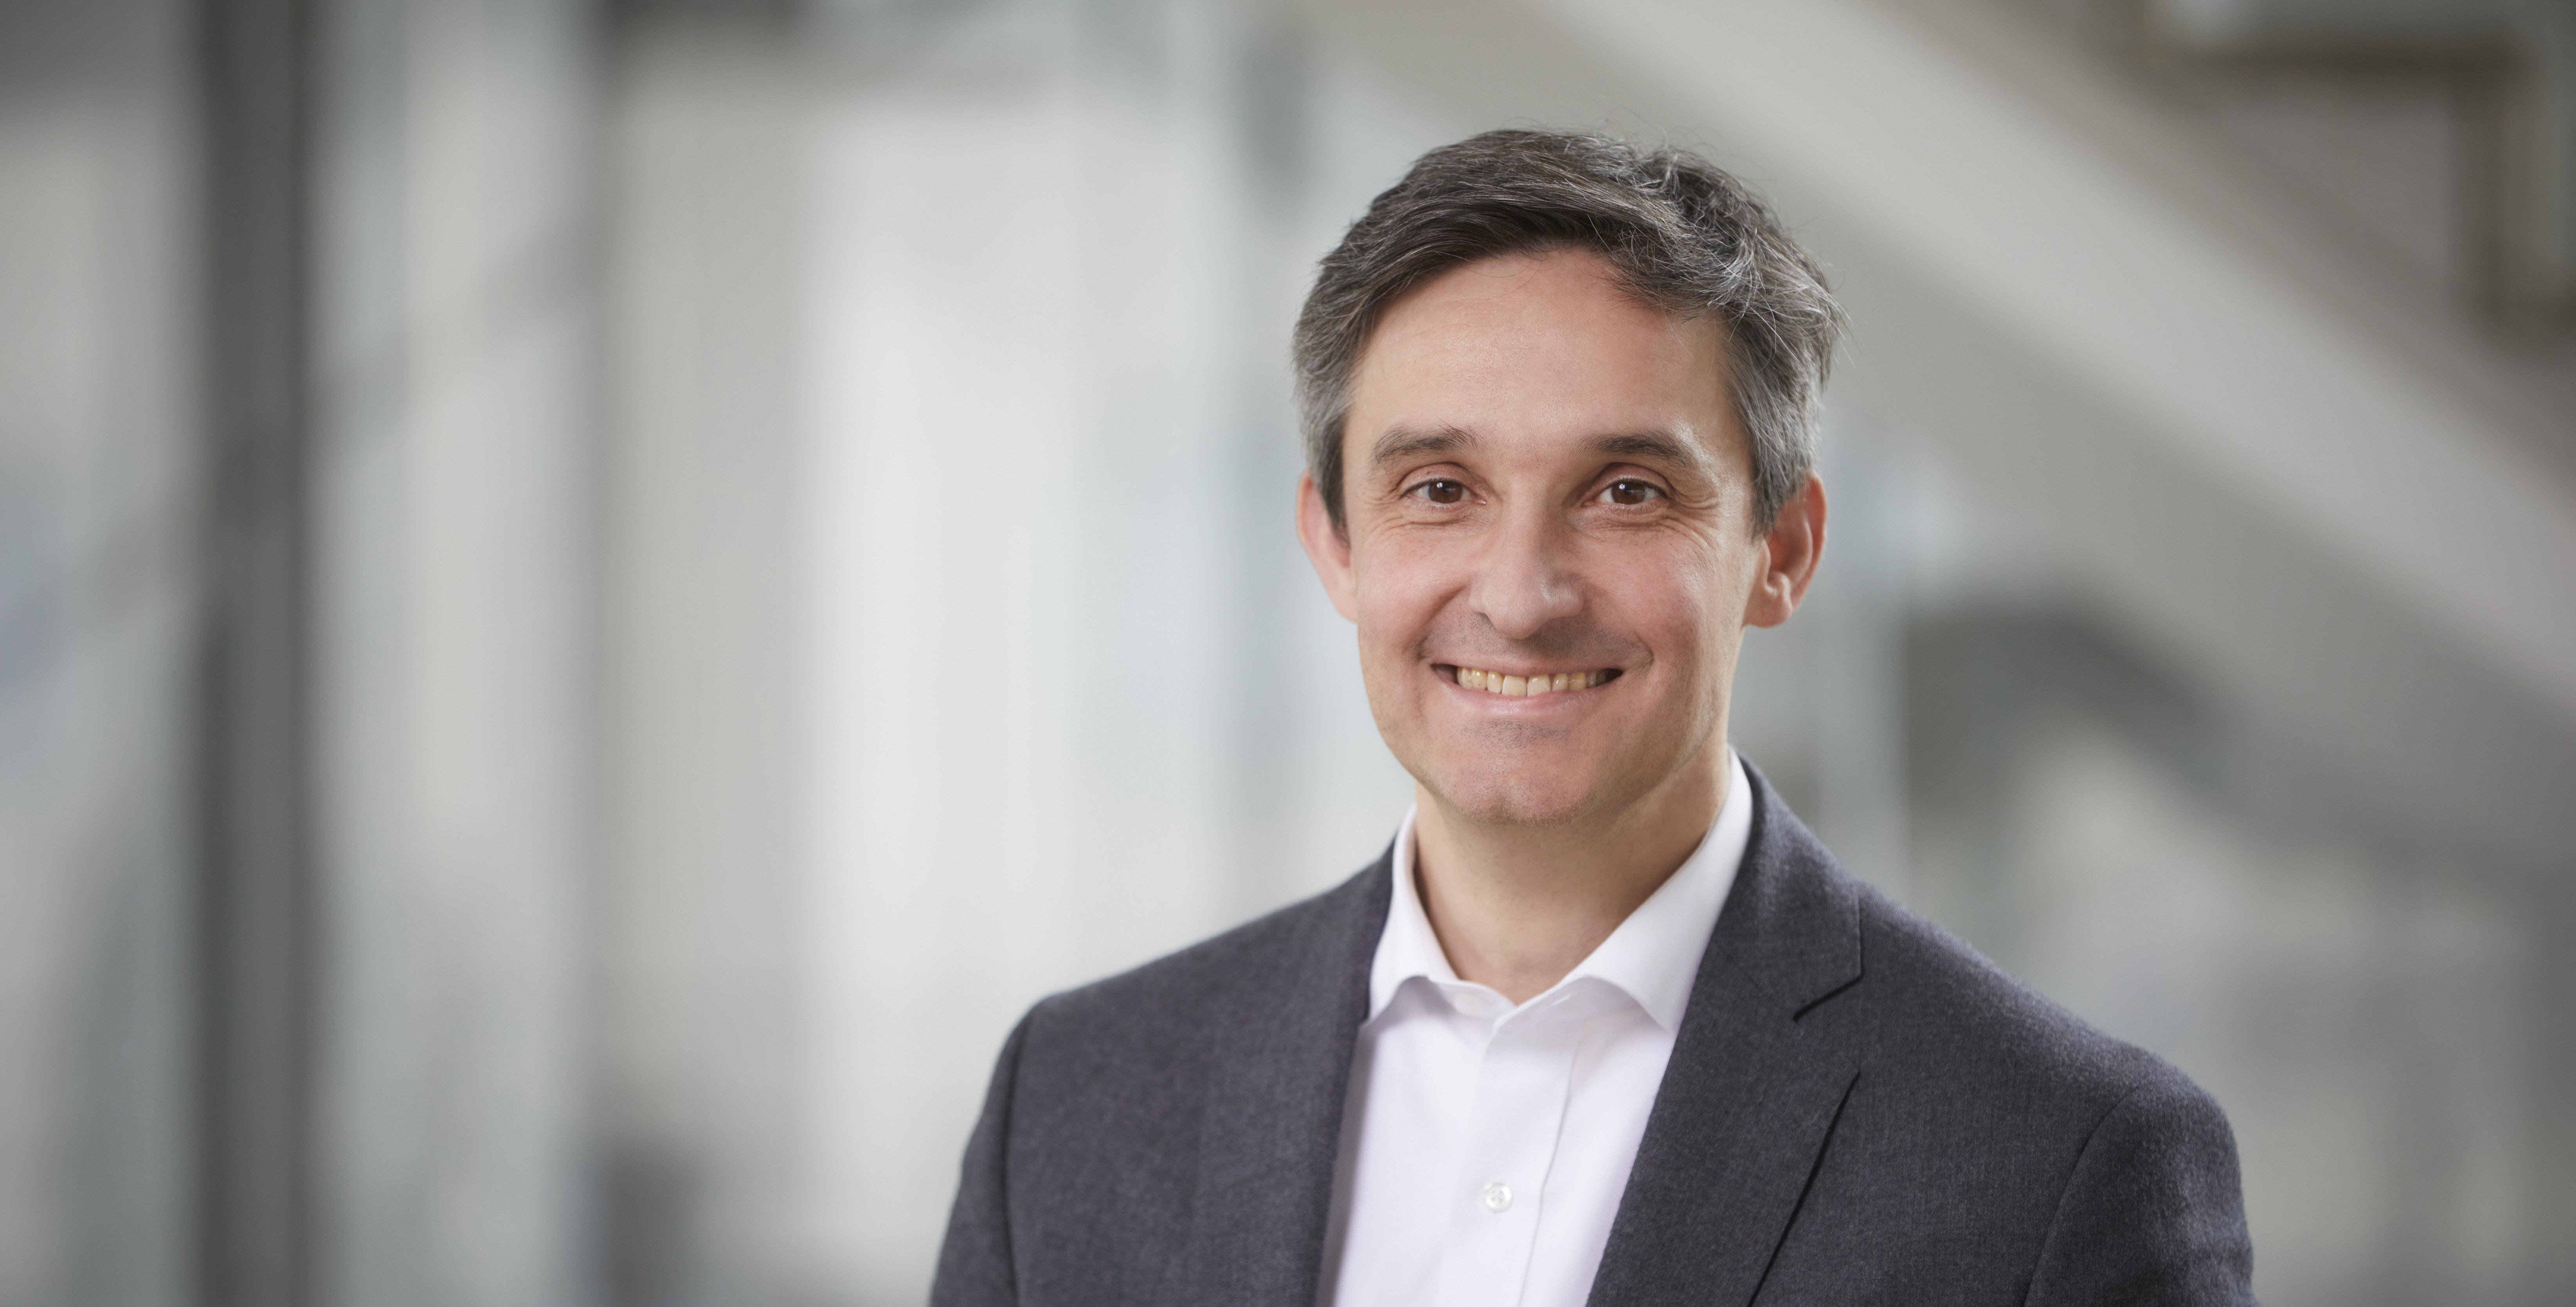 Drei Fragen an… Dr. Steffen Auer, Präsident der IHK Südlicher Oberrhein